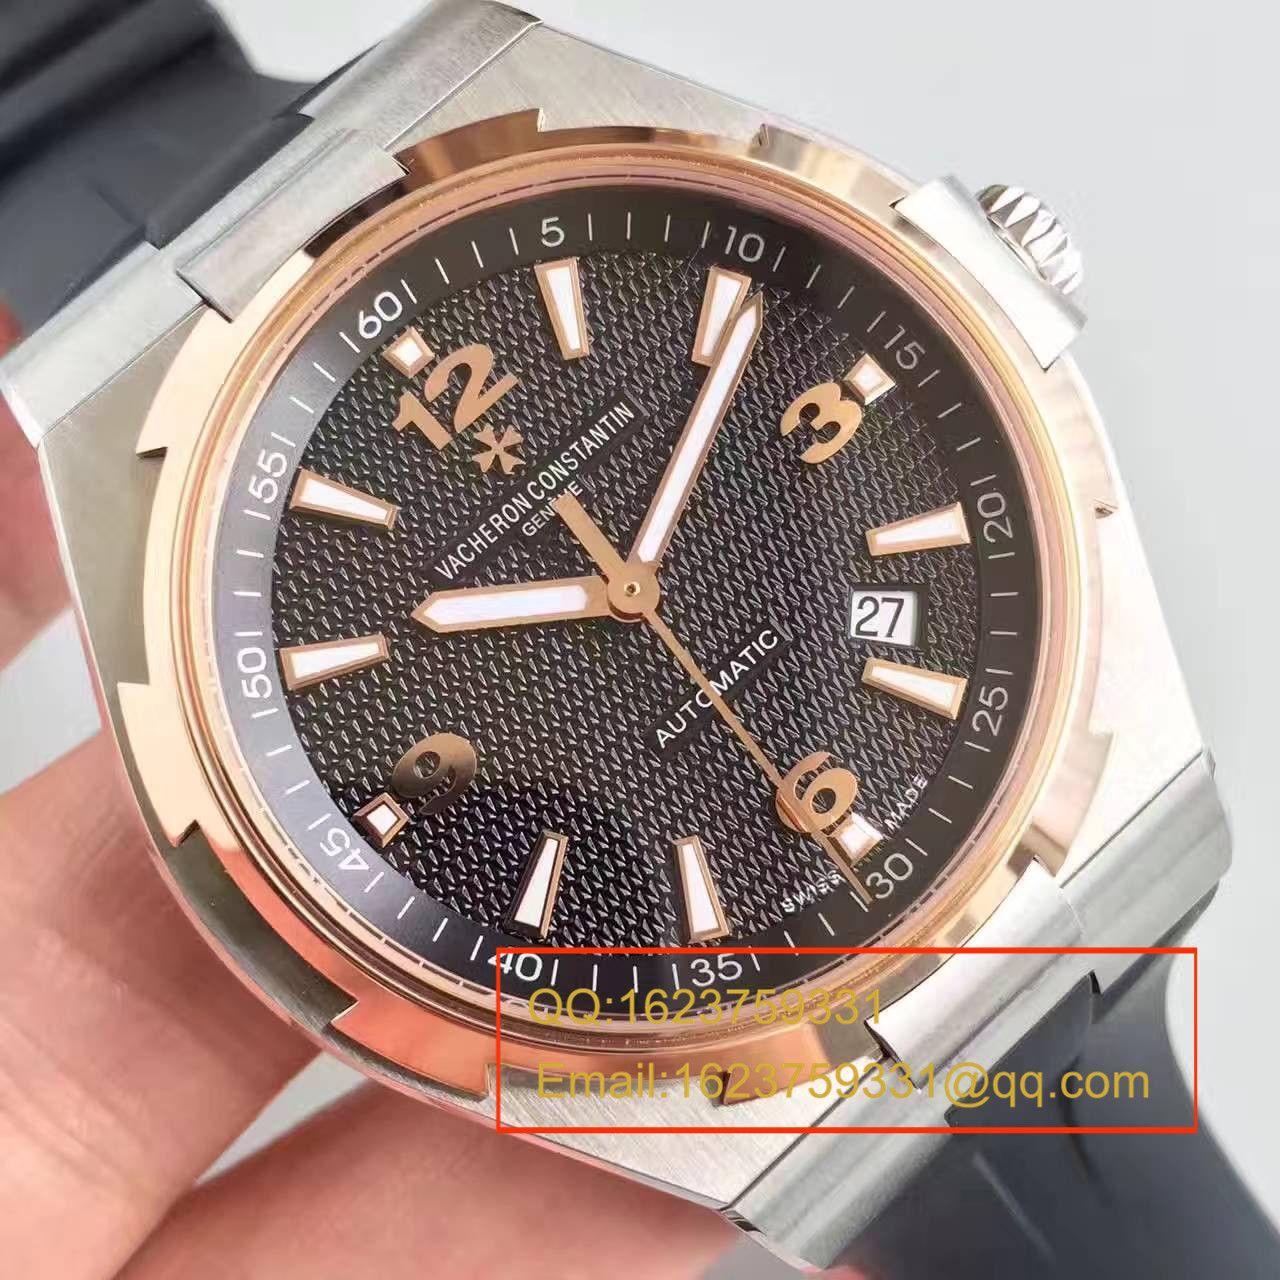 【JJ厂顶级复刻手表】江诗丹顿纵横四海系列47040男士腕表 / JS180